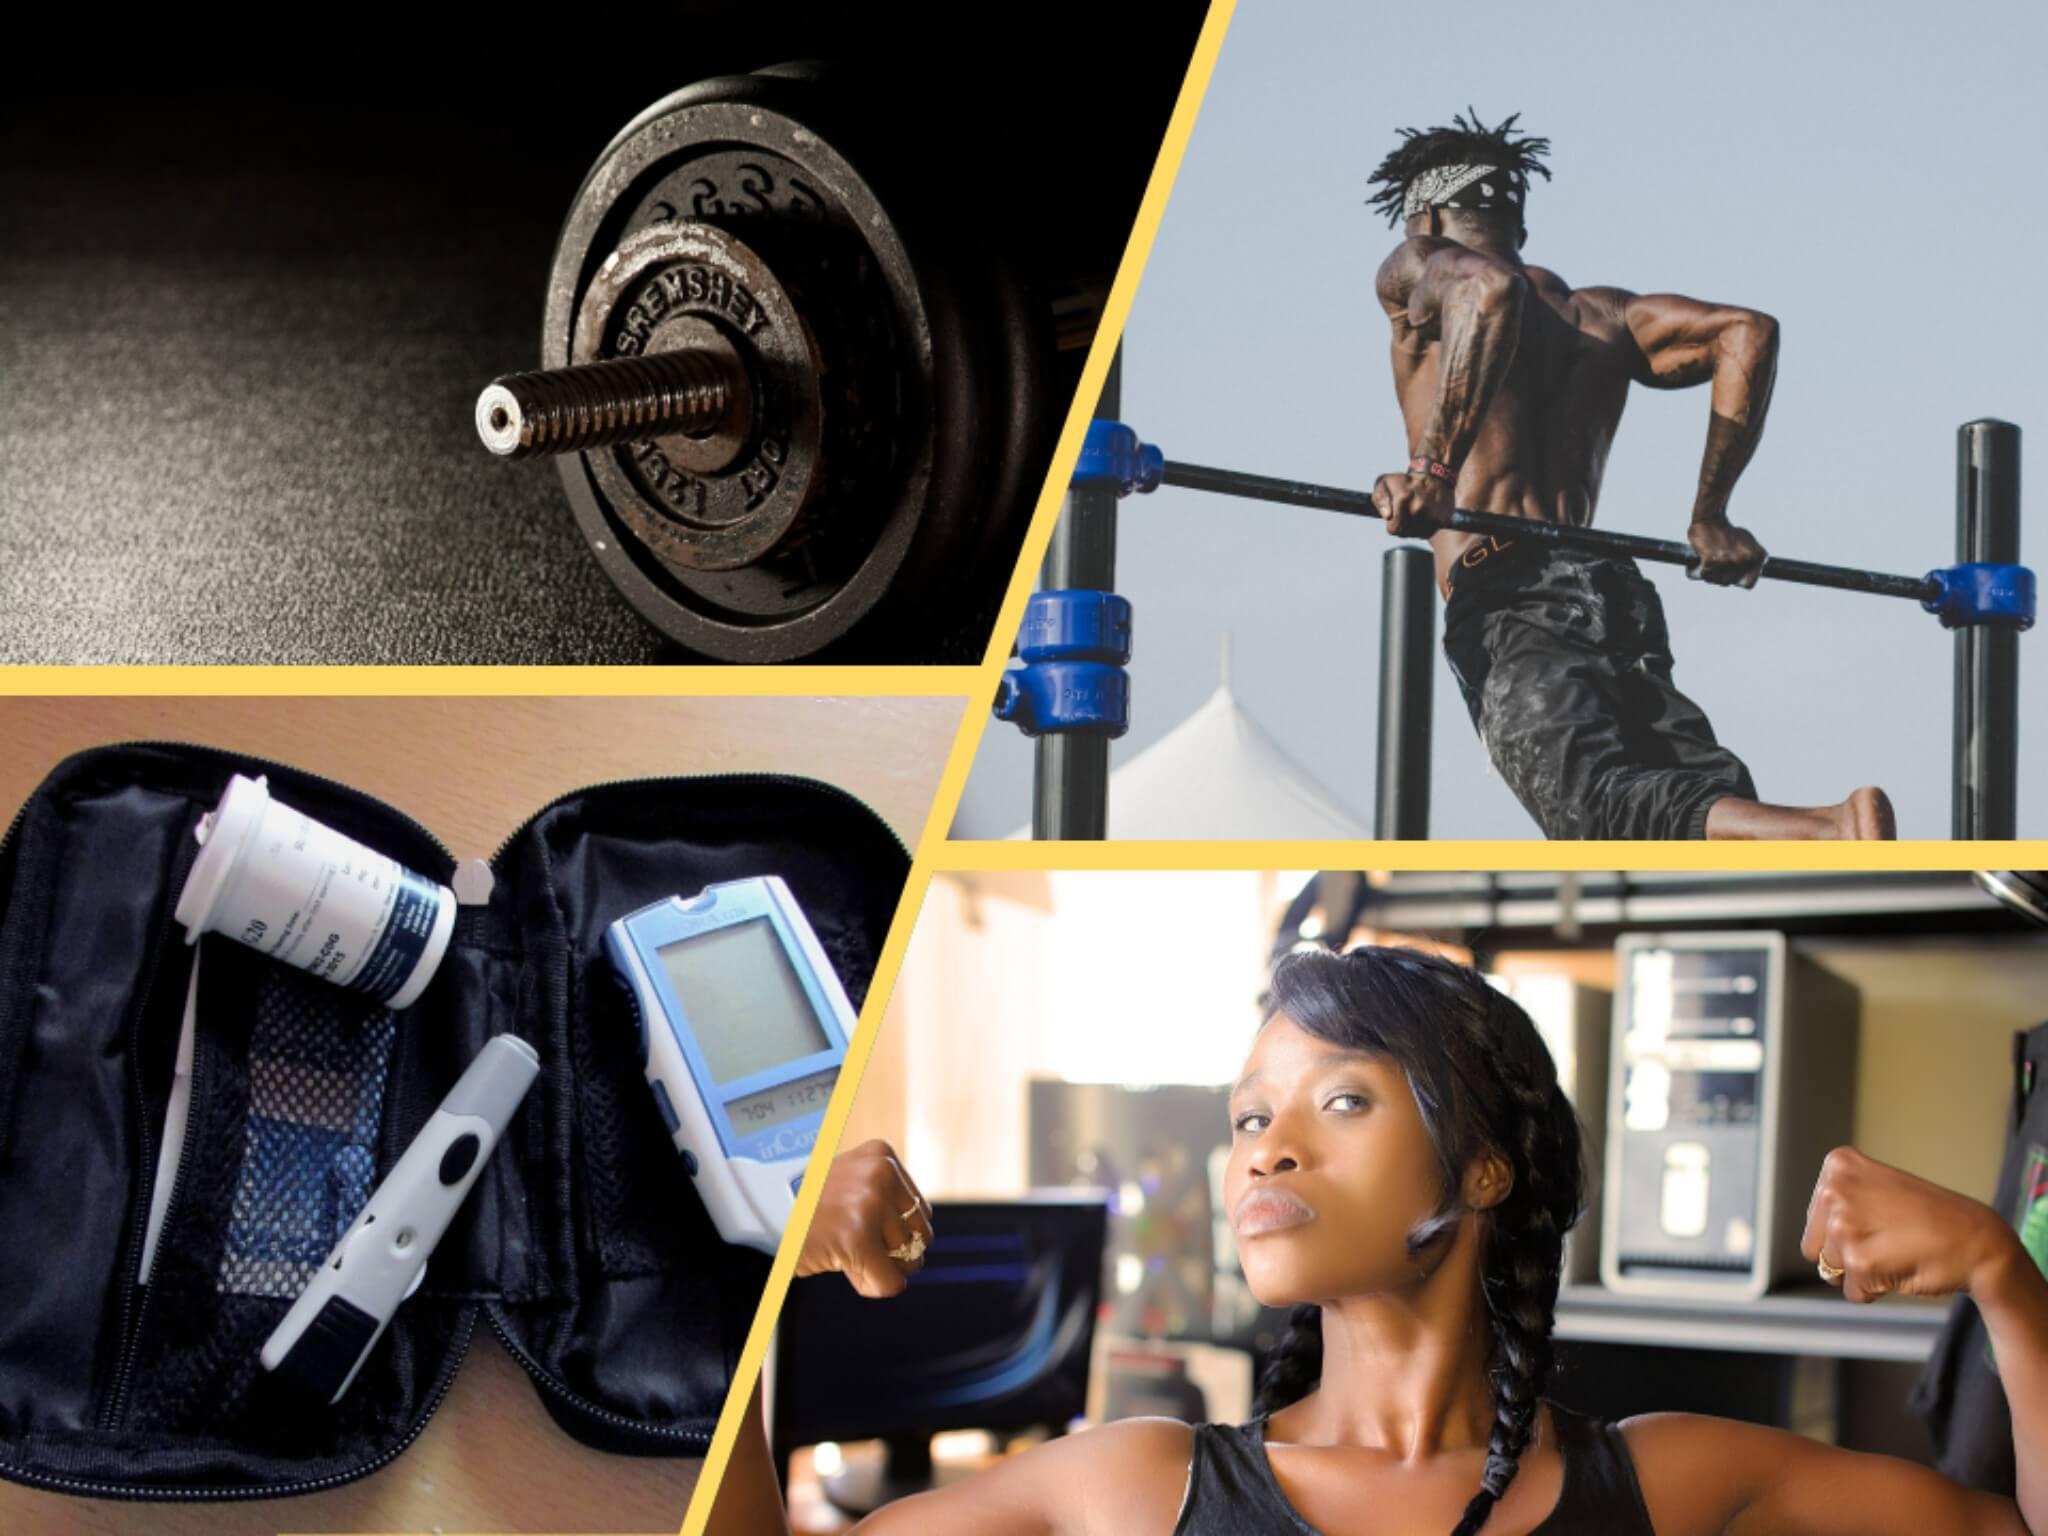 Diabete di tipo 1 e allenamento: cosa c'è da sapere